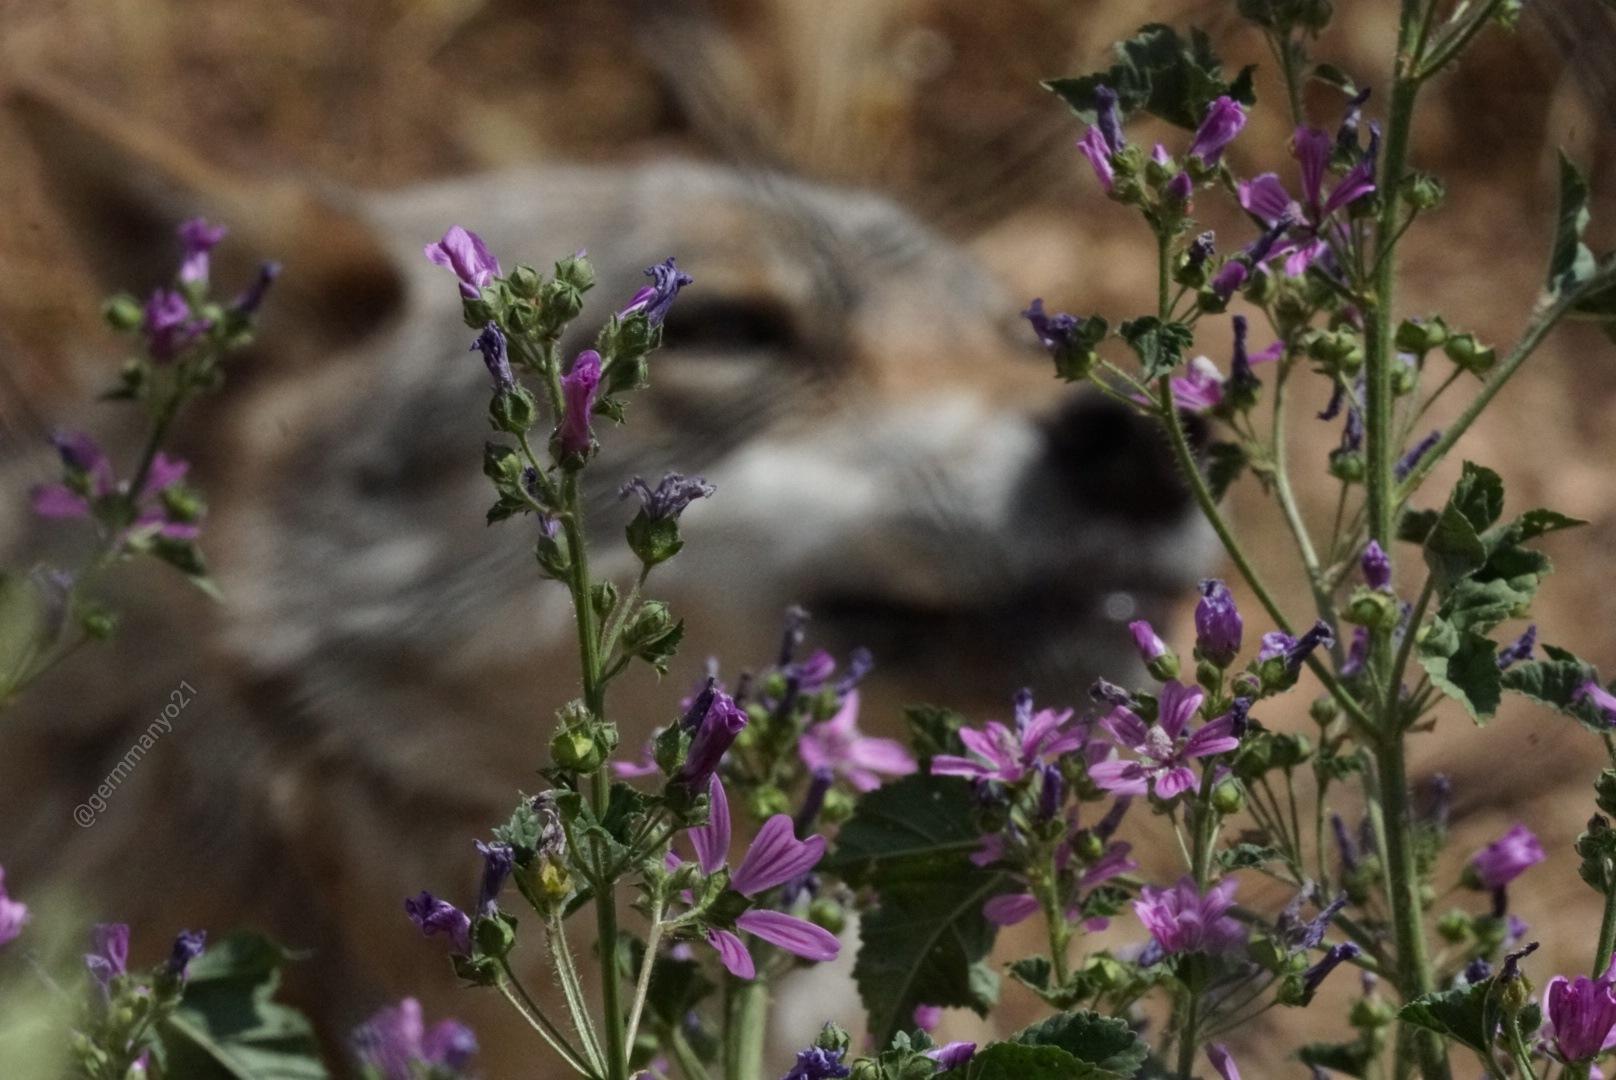 Wolf1 by @germmanyo21